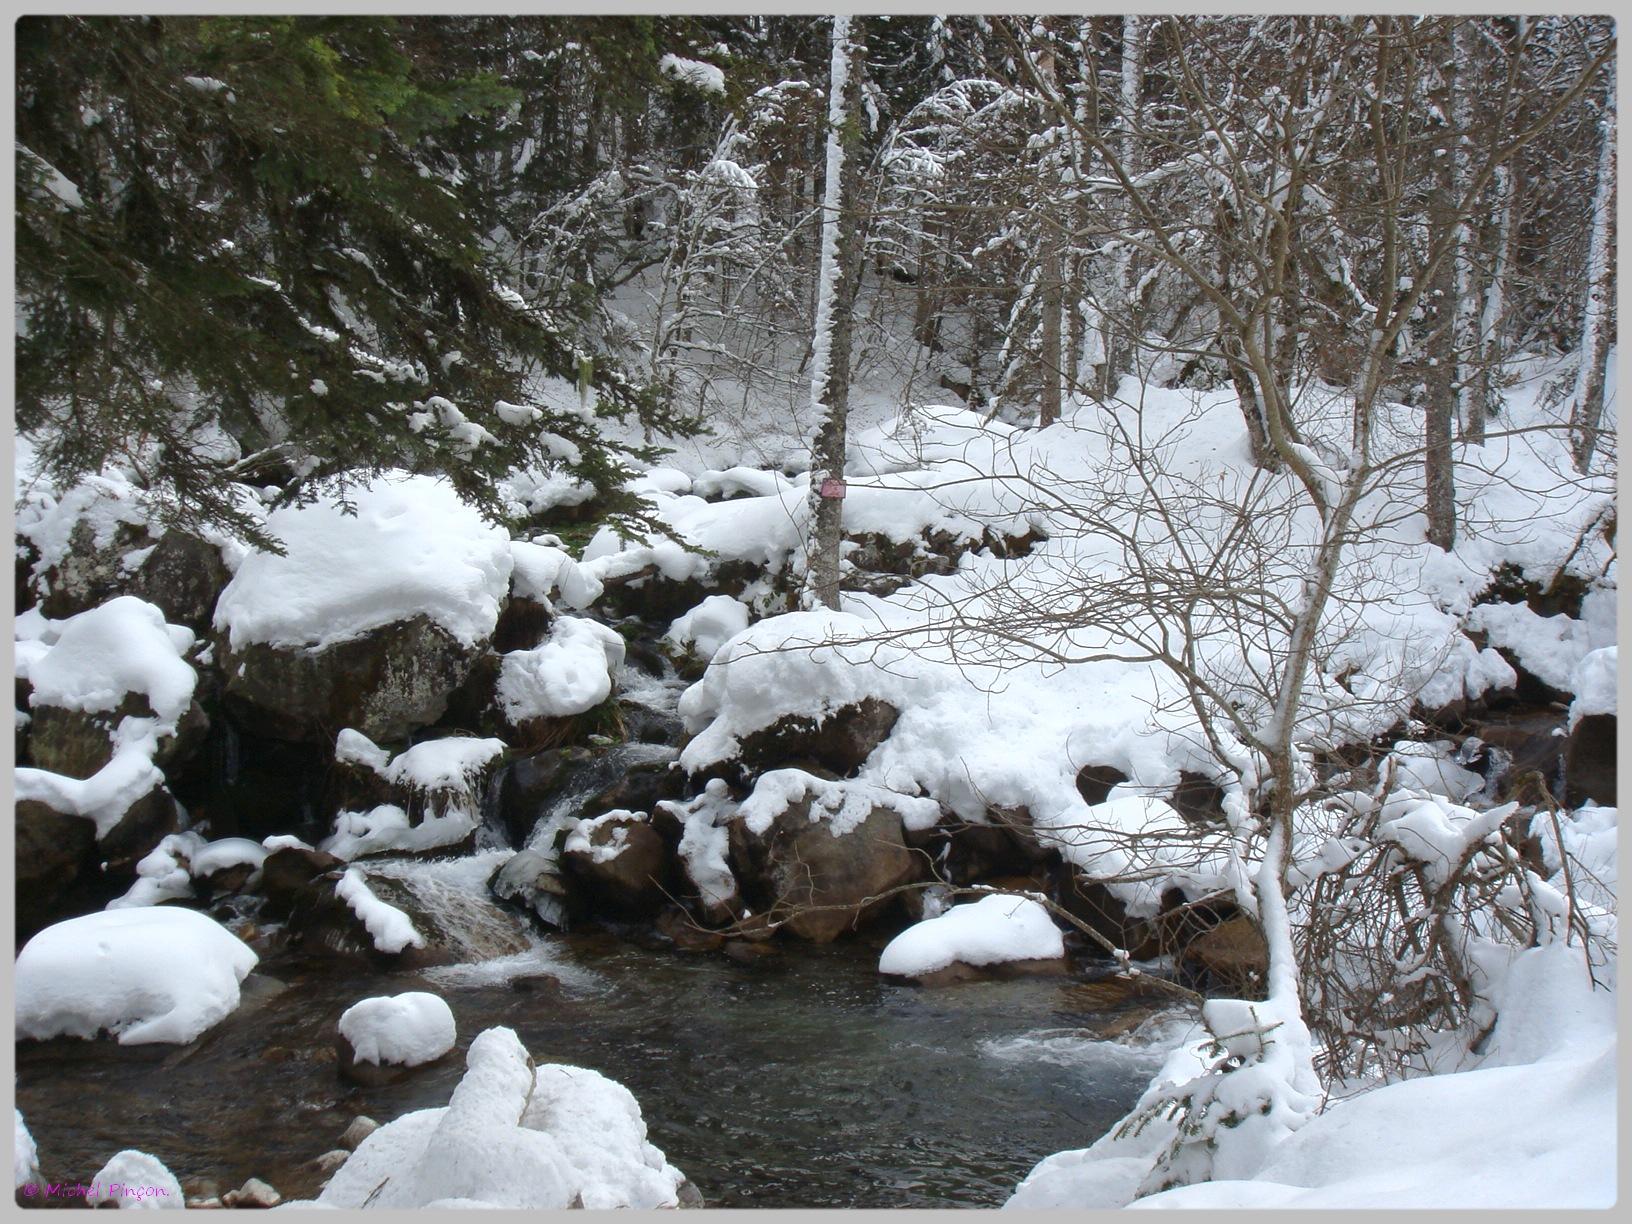 Une semaine à la Neige dans les Htes Pyrénées - Page 2 262568DSC011873